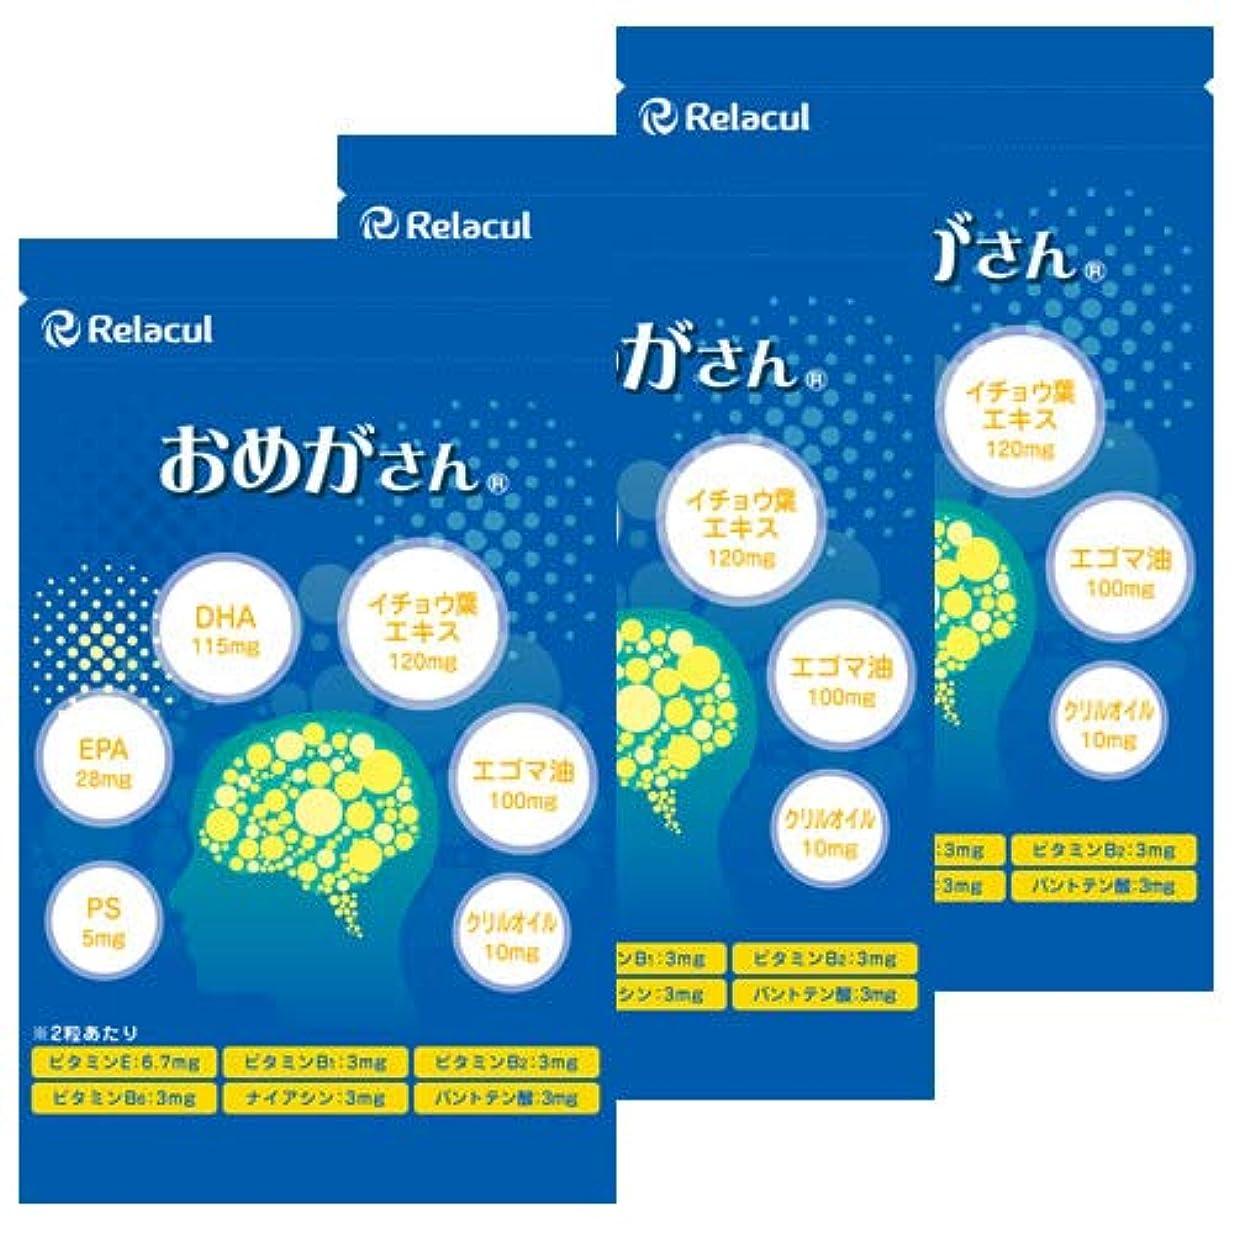 代表する出席コンデンサーオメガ3脂肪酸 DHA EPA サプリ (日本製) うっかり 対策 サプリメント [偏った食生活に] フィッシュオイル イチョウ葉エキス エゴマ油 クリルオイル [おめがさん 3袋セット] 180粒入 (約3か月分)